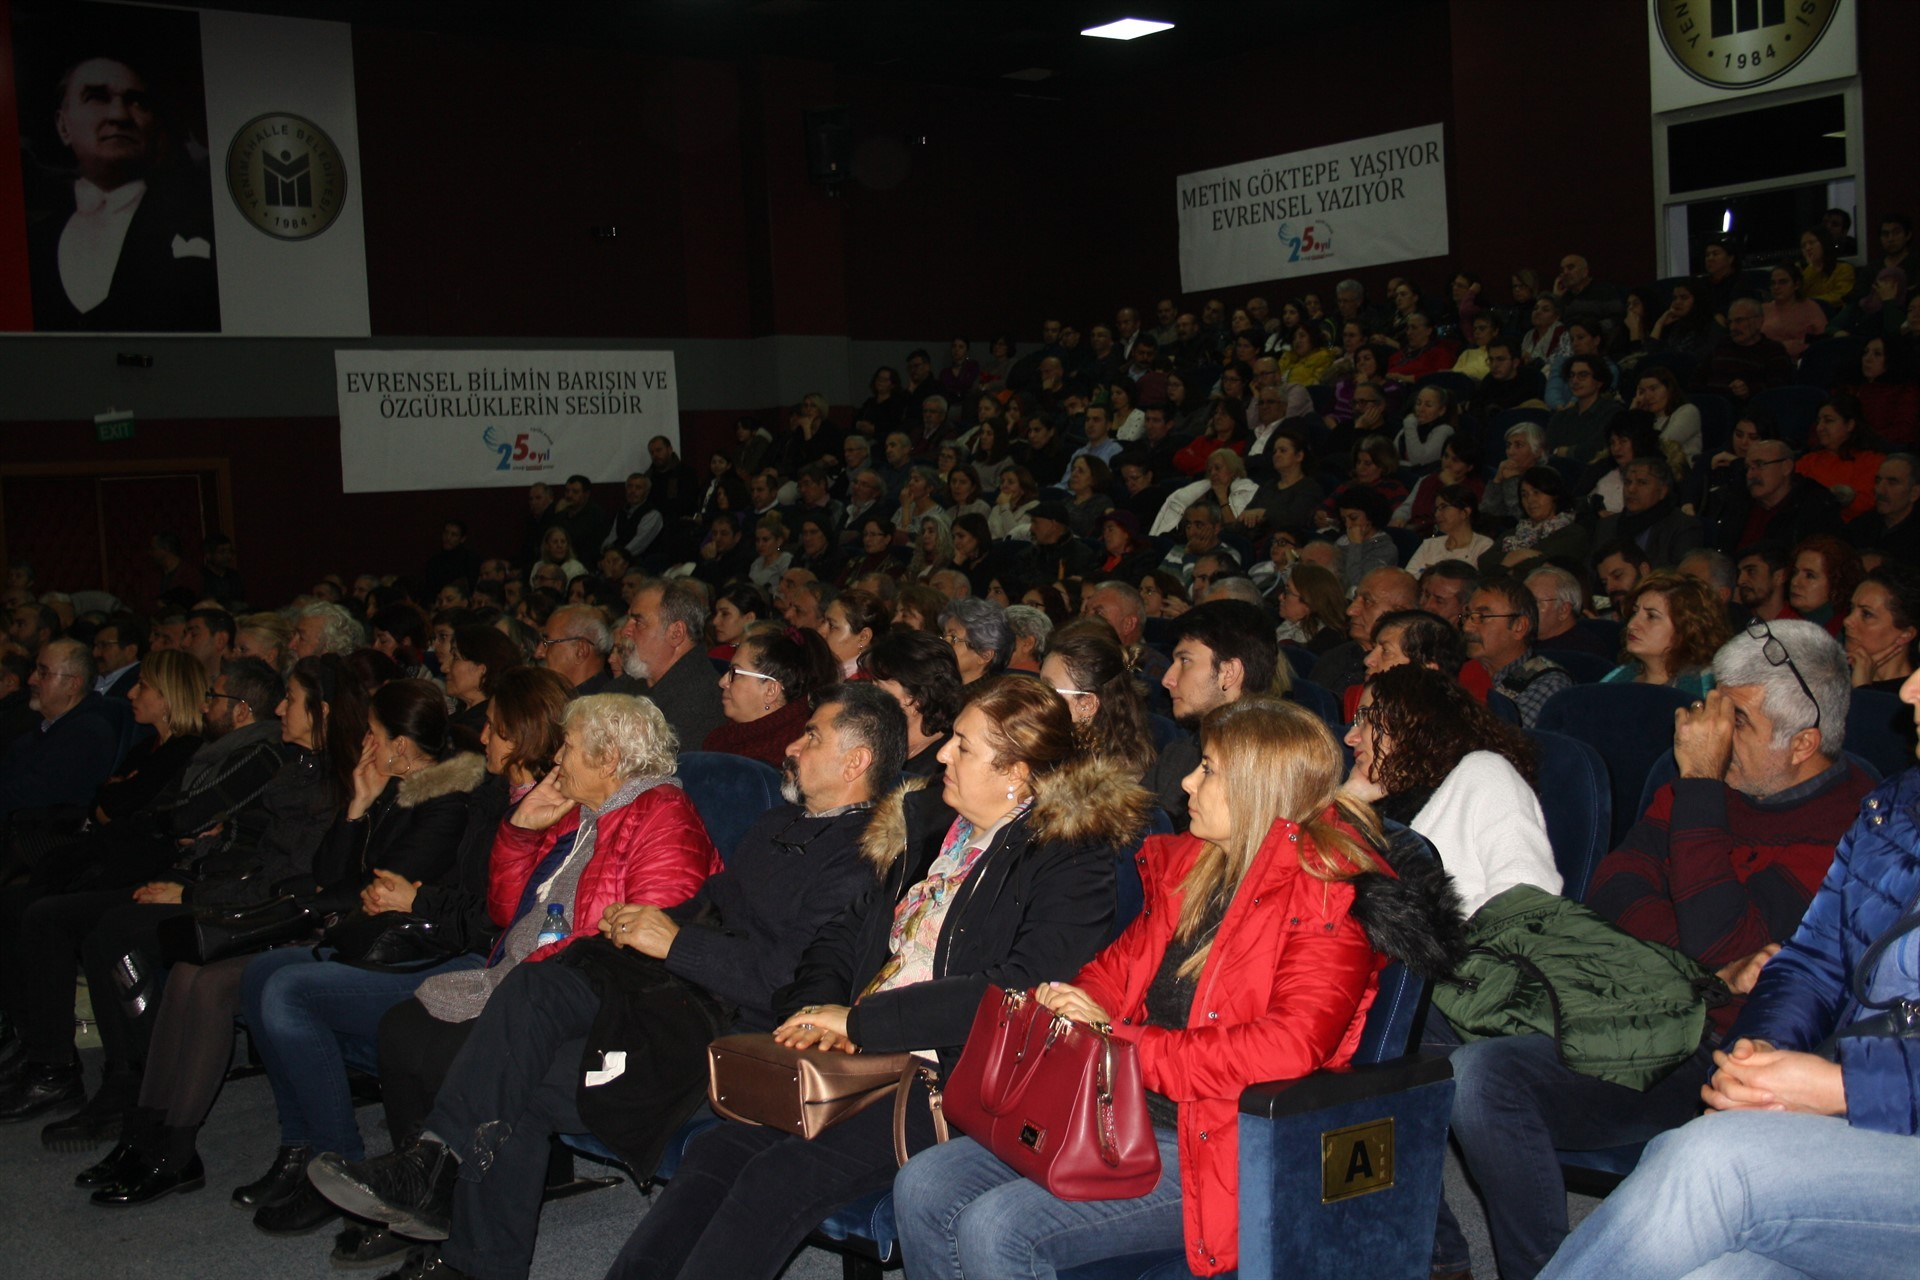 Ankara'da düzenlenen Evrensel Gazetesinin 25. yıl etkinliği